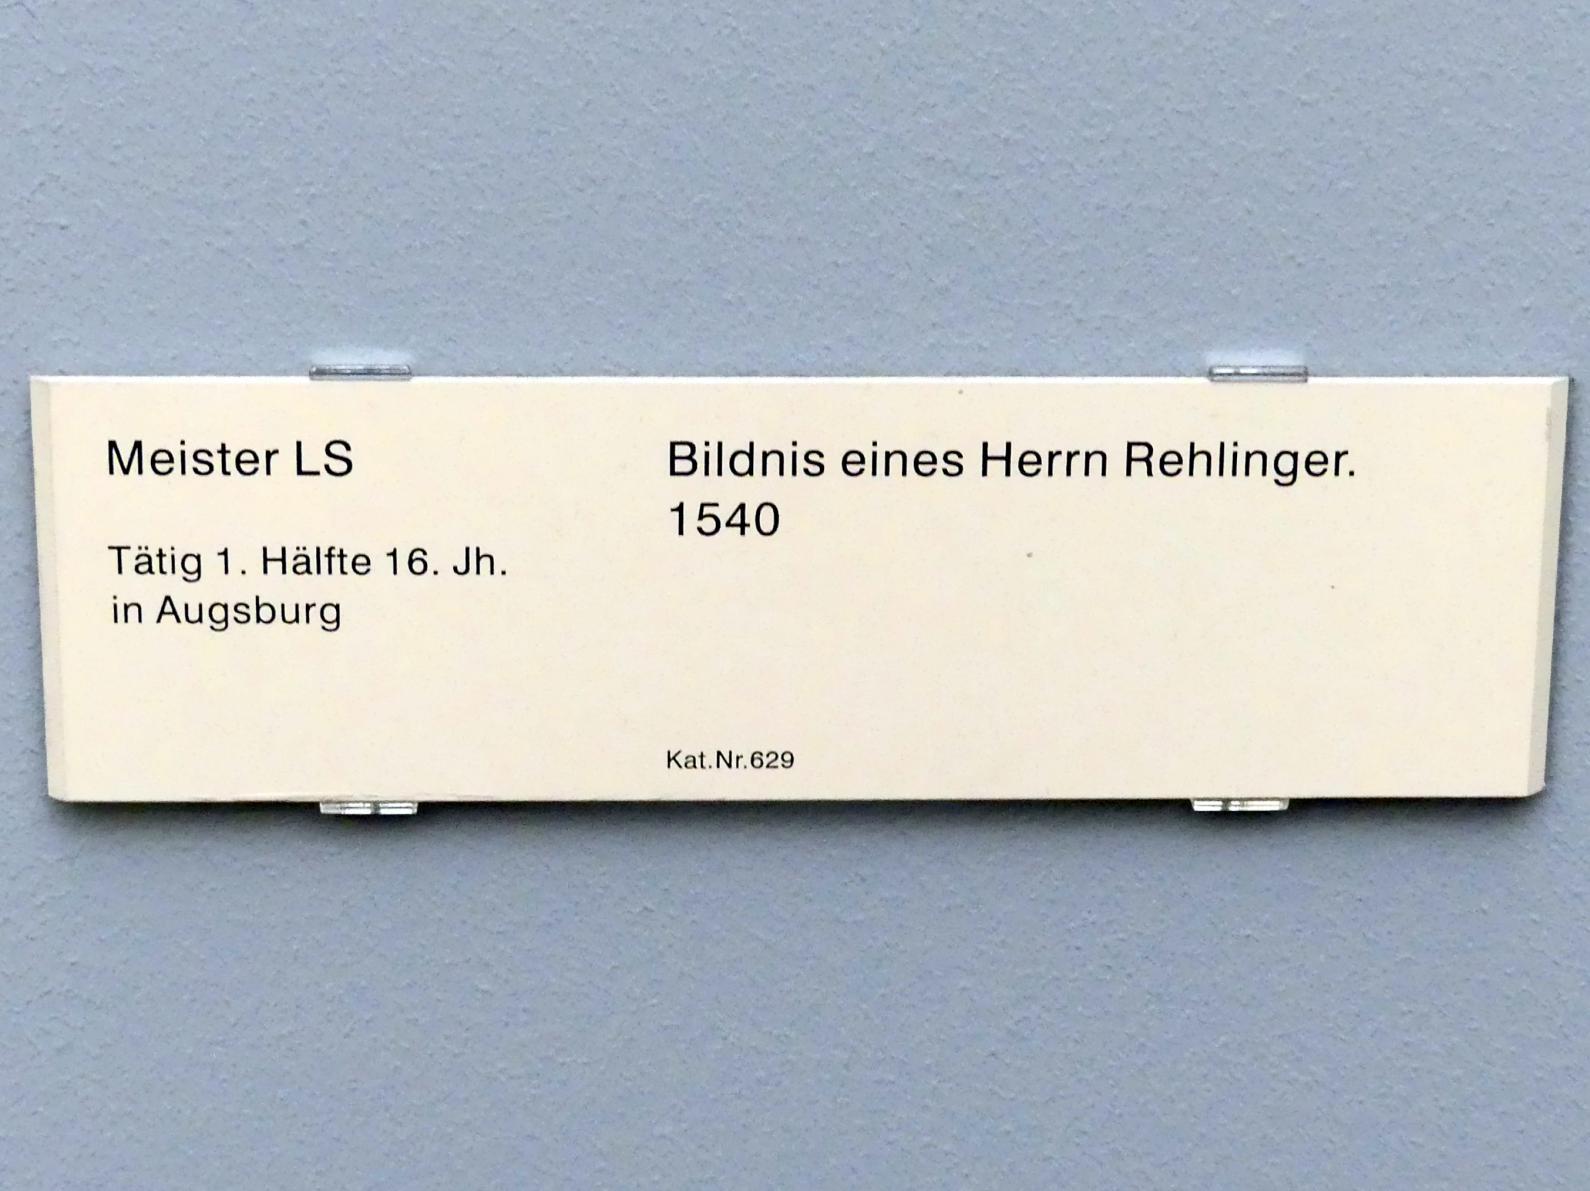 Meister LS: Bildnis eines Herrn Rehlinger, 1540, Bild 2/2